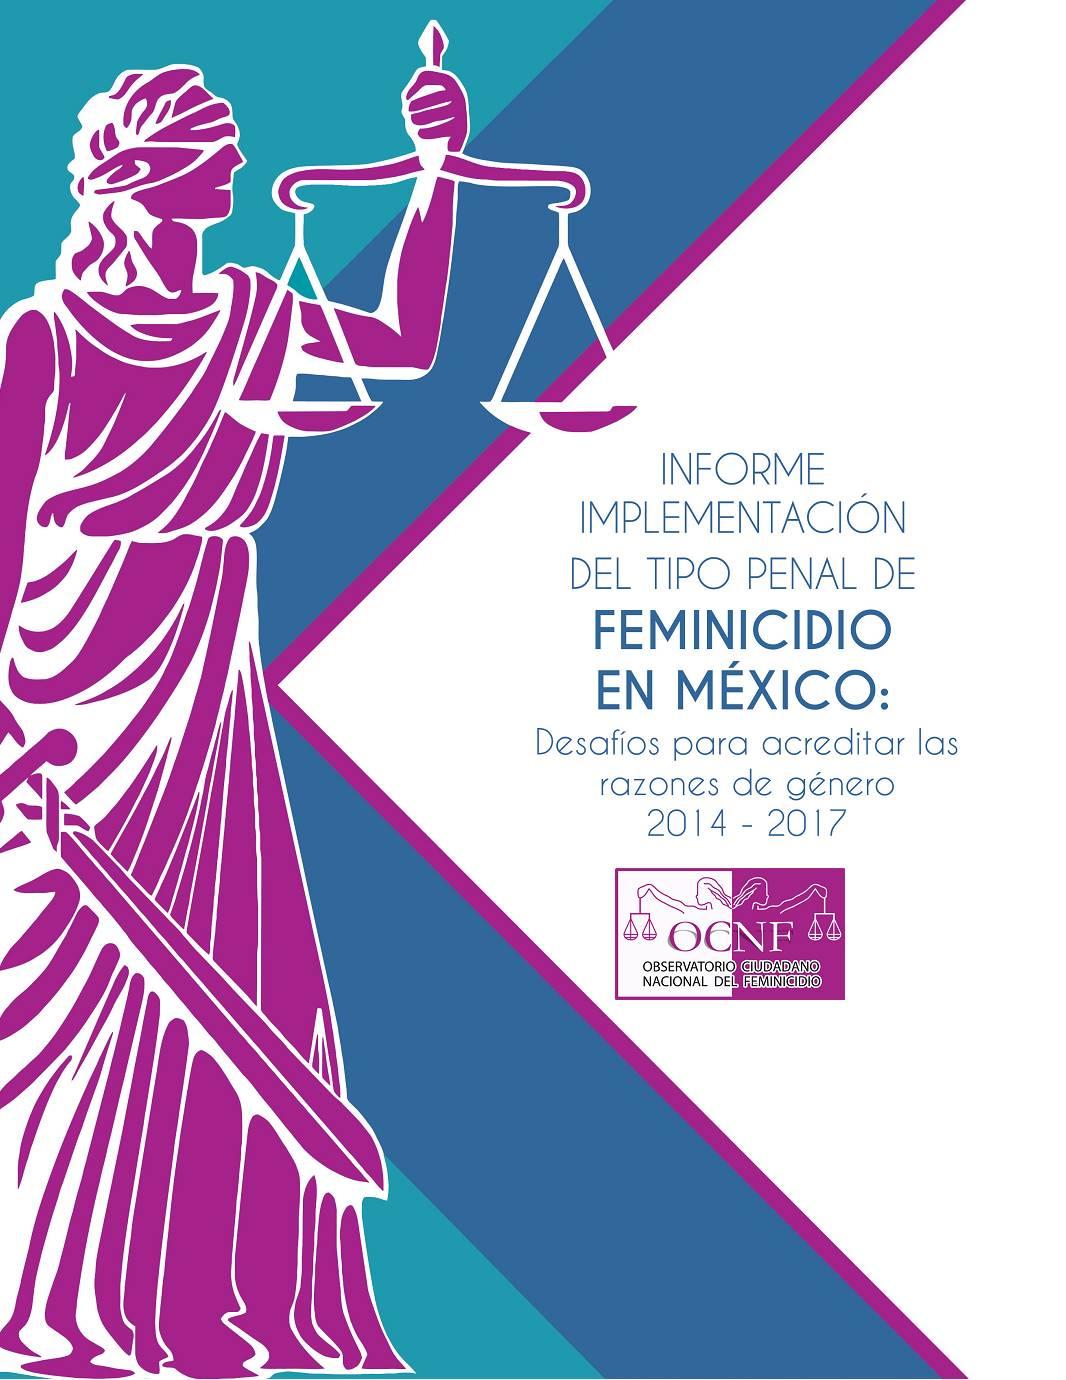 Informe Implementación del tipo penal Feminicidio en México 2014-2017